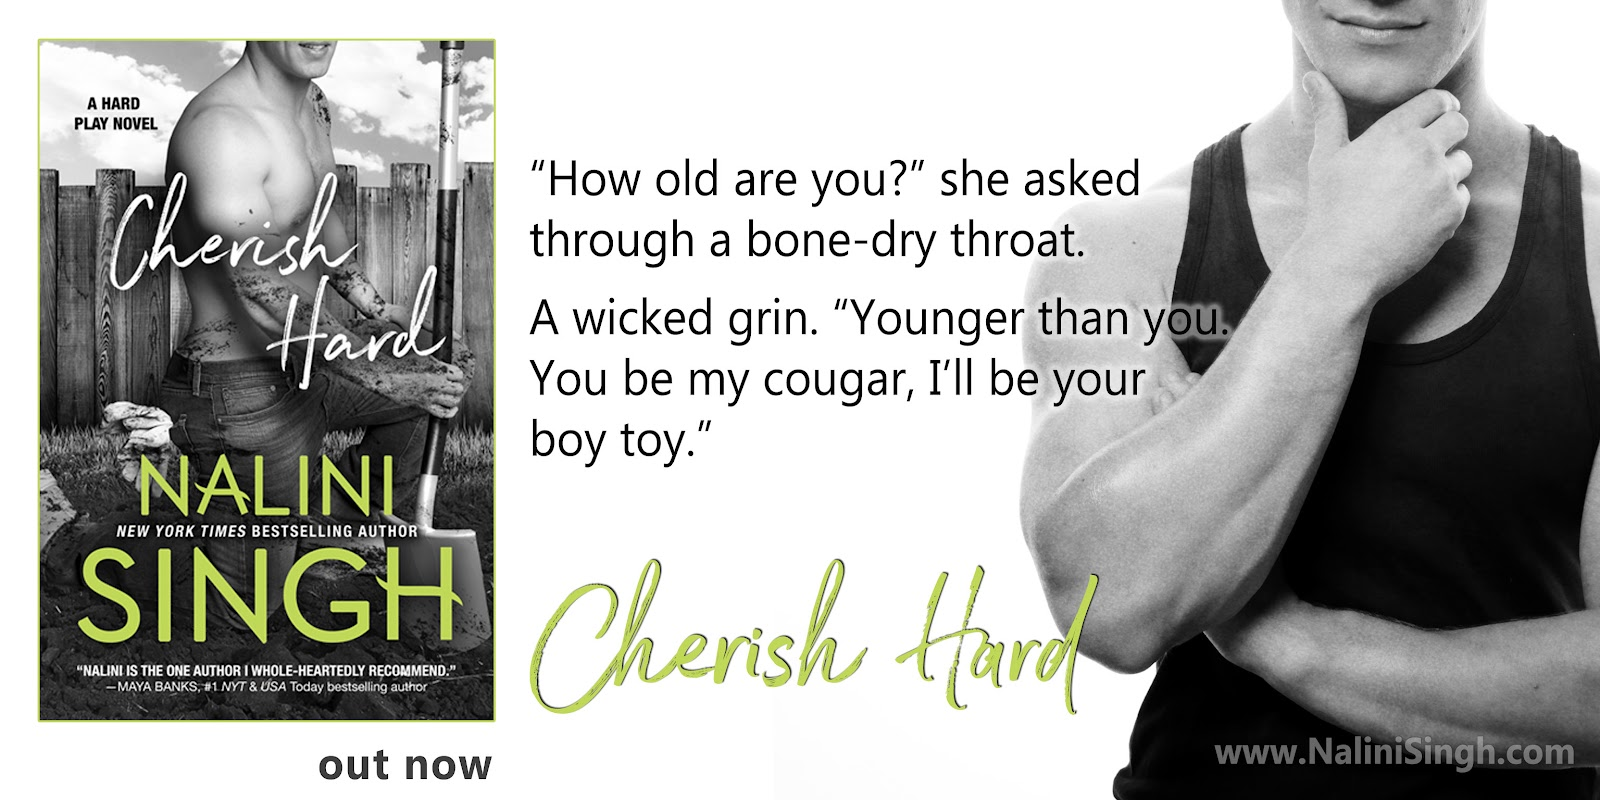 Cherish Hard Quote 2 (2).jpg